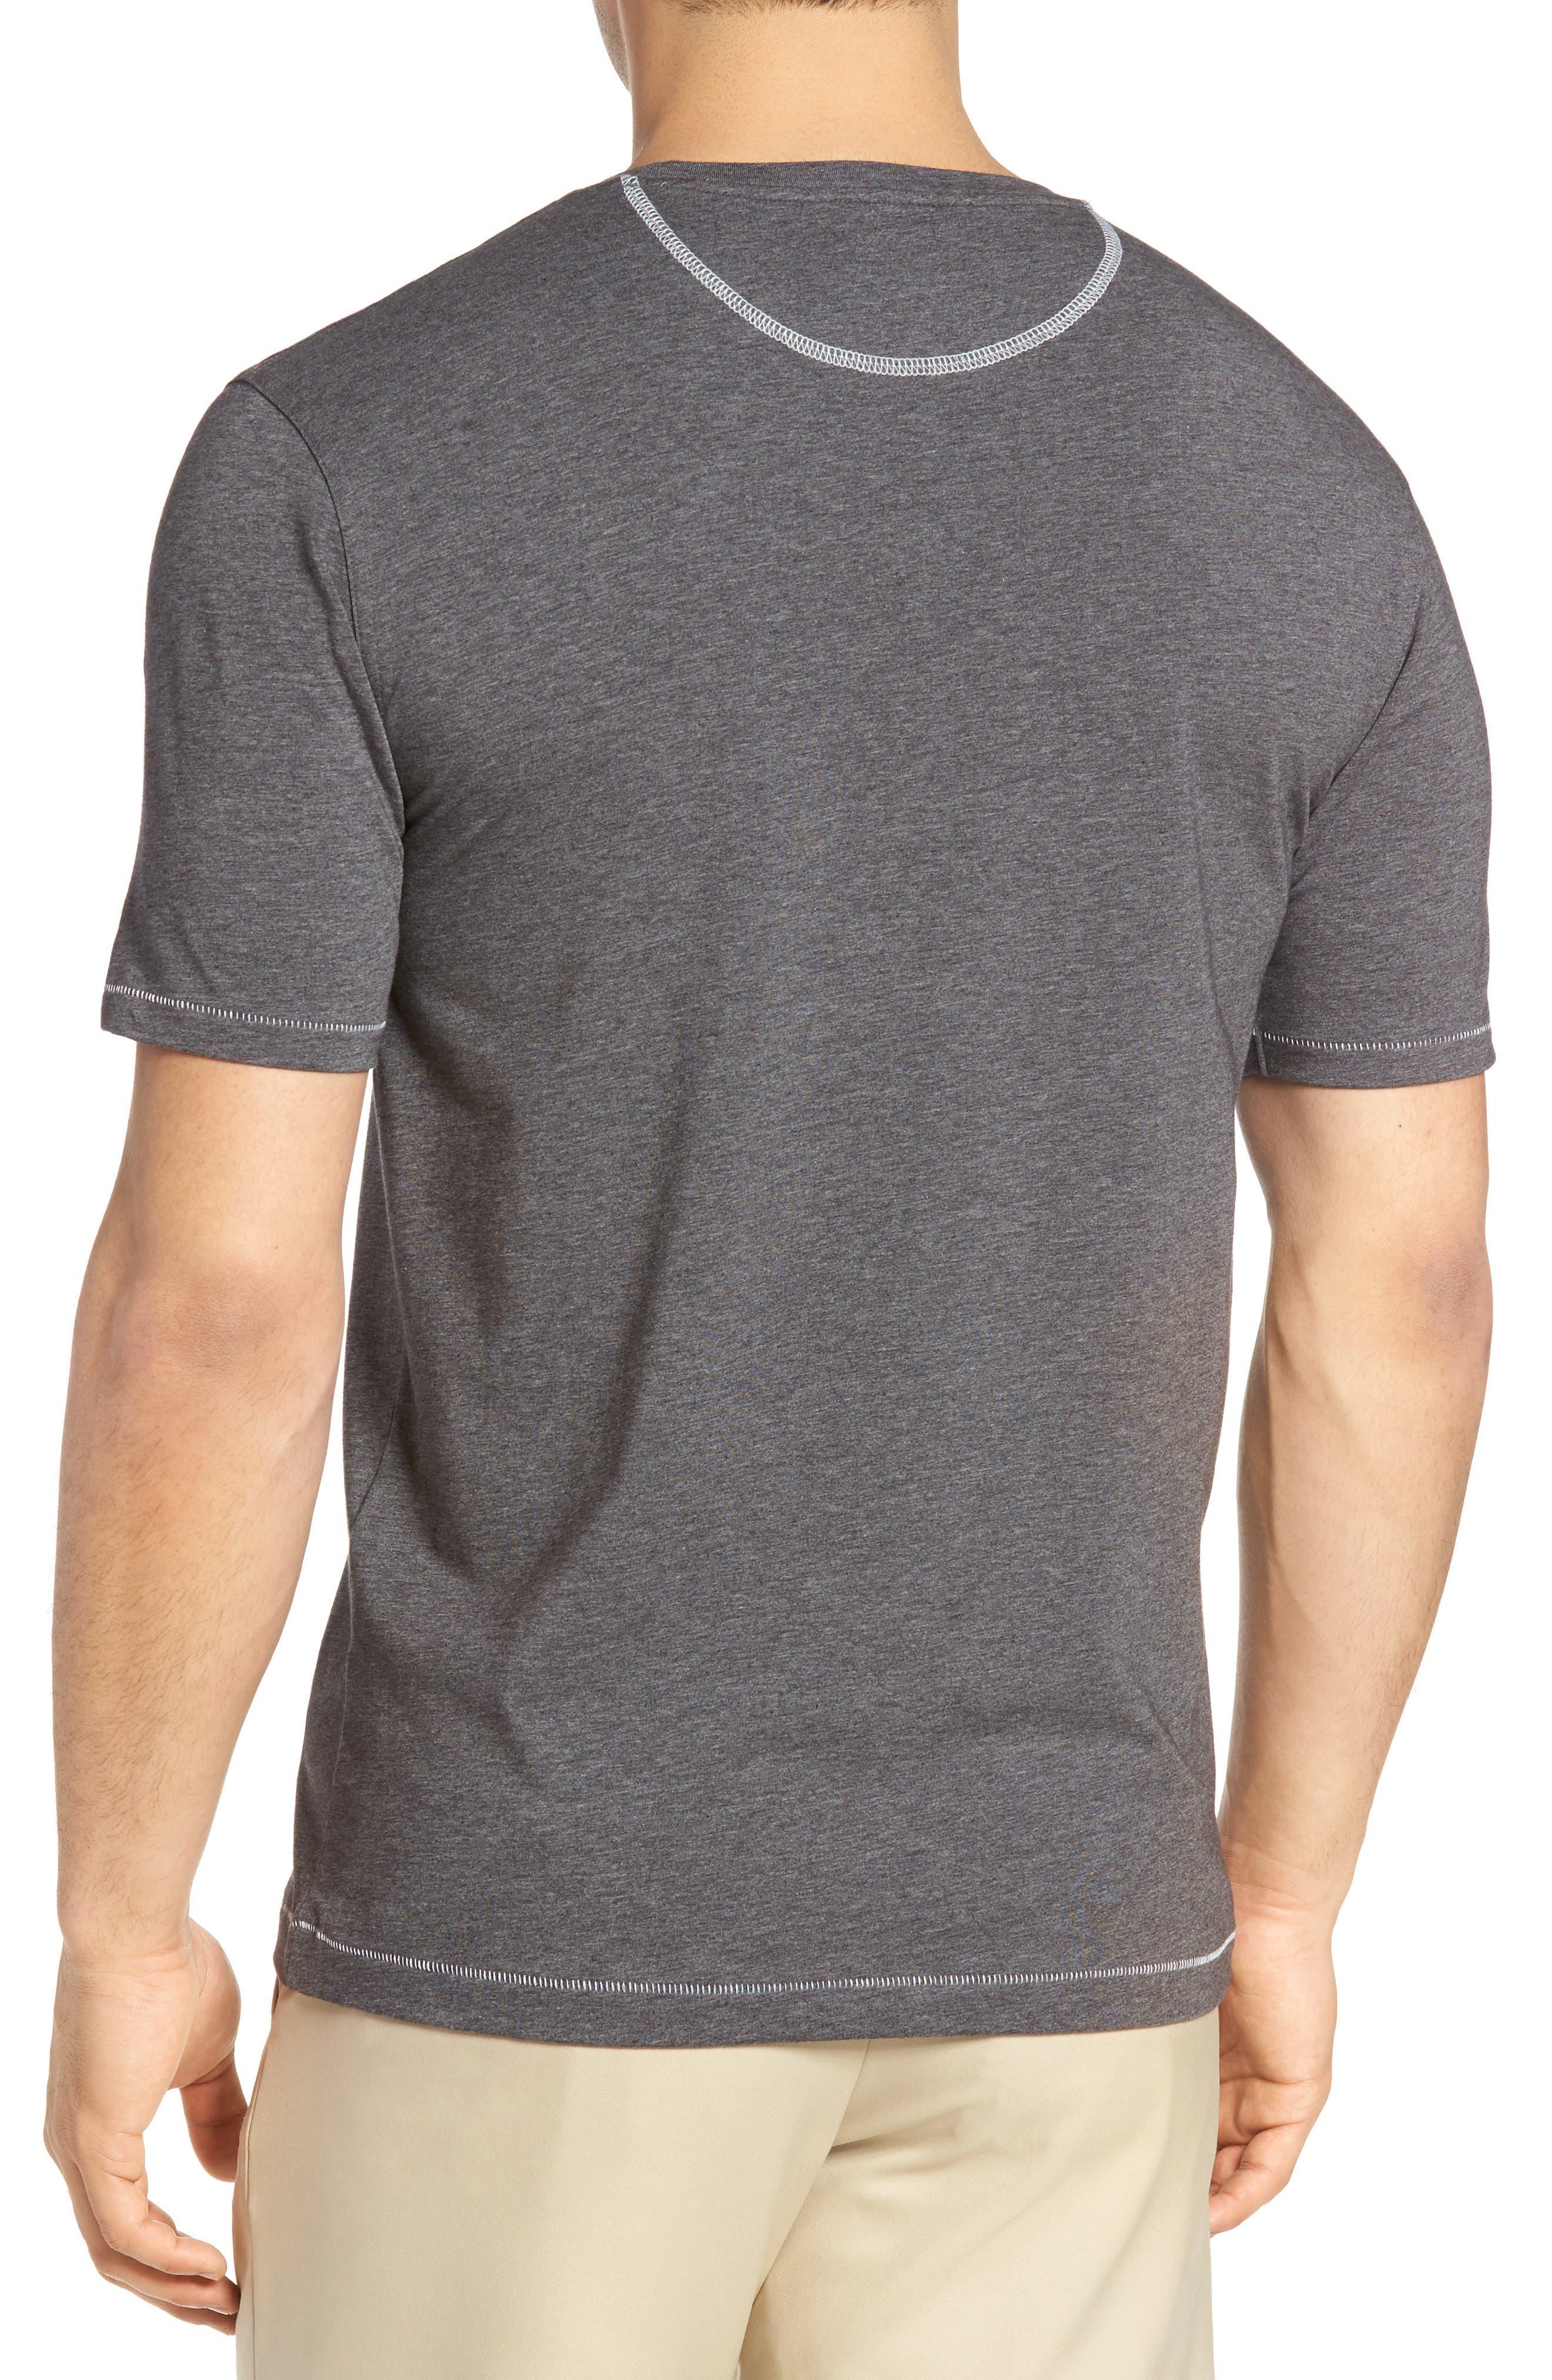 BOBBY JONES,                             R18 Pocket T-Shirt,                             Alternate thumbnail 2, color,                             011